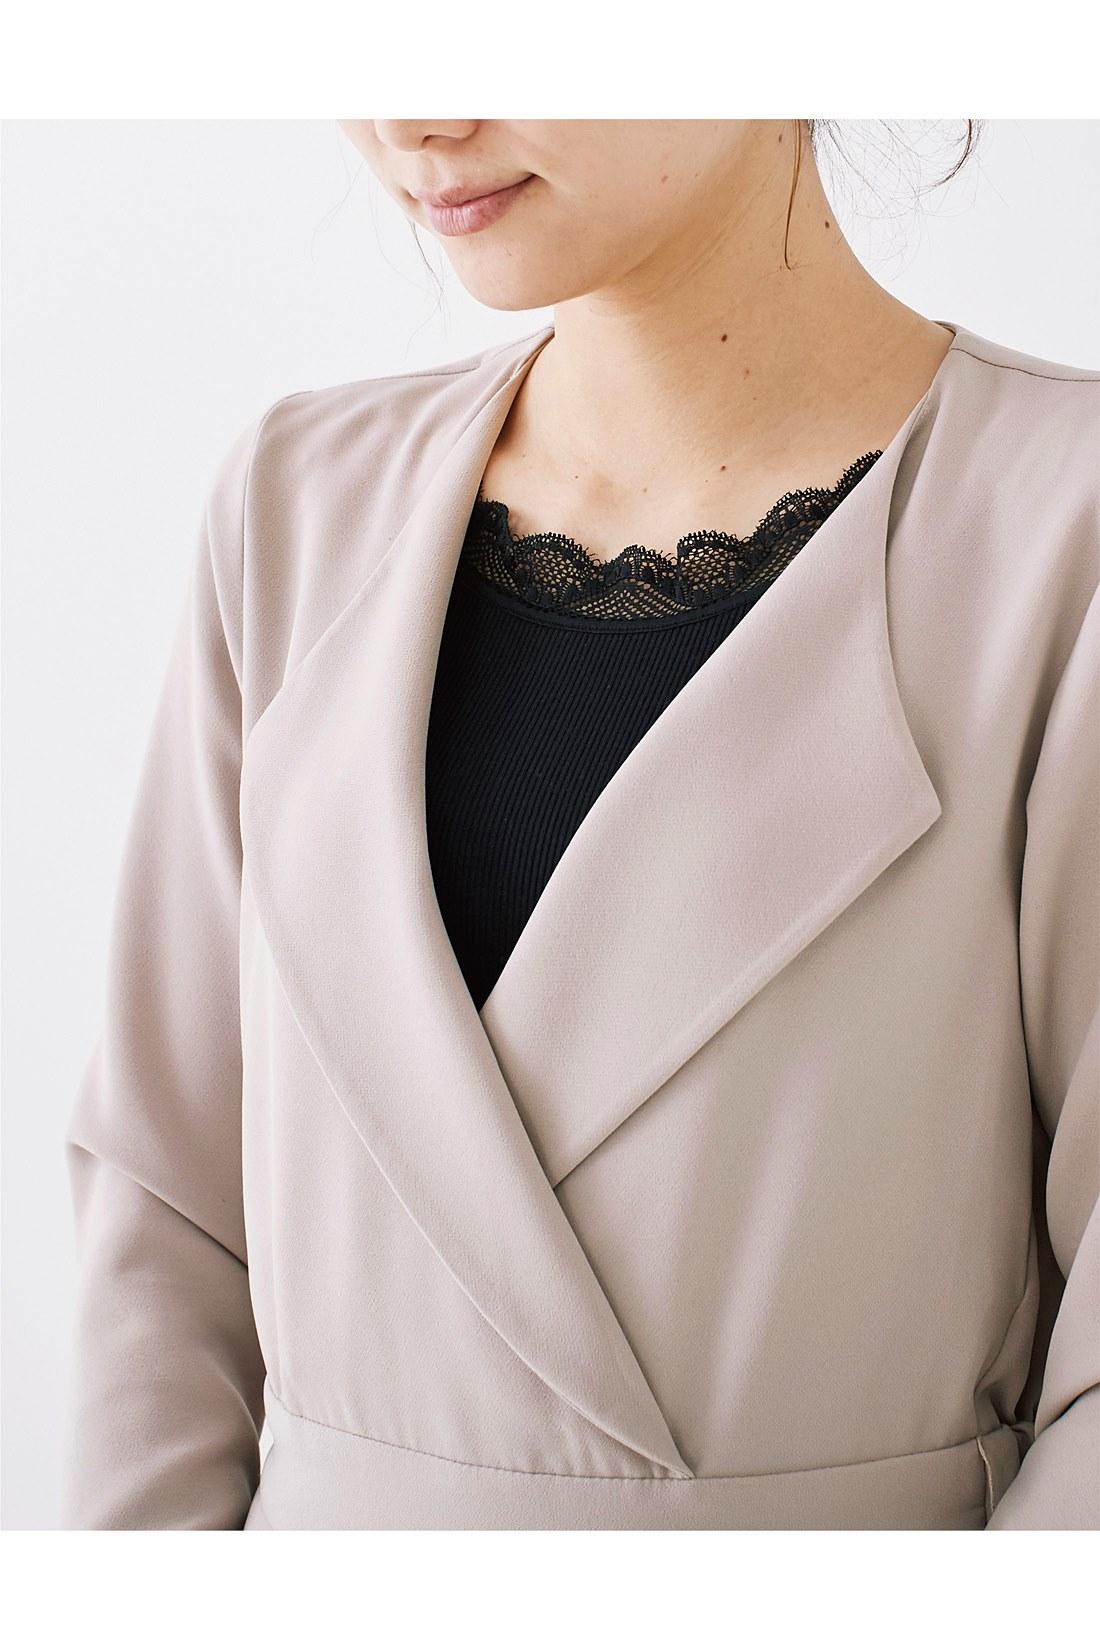 一枚で着られるよう、胸もとに当て布をプラス。スナップ仕様のため取り外しもでき、レースインナーやビジュー付きインナーを着ても素敵です。※お届けするカラーとは異なります。